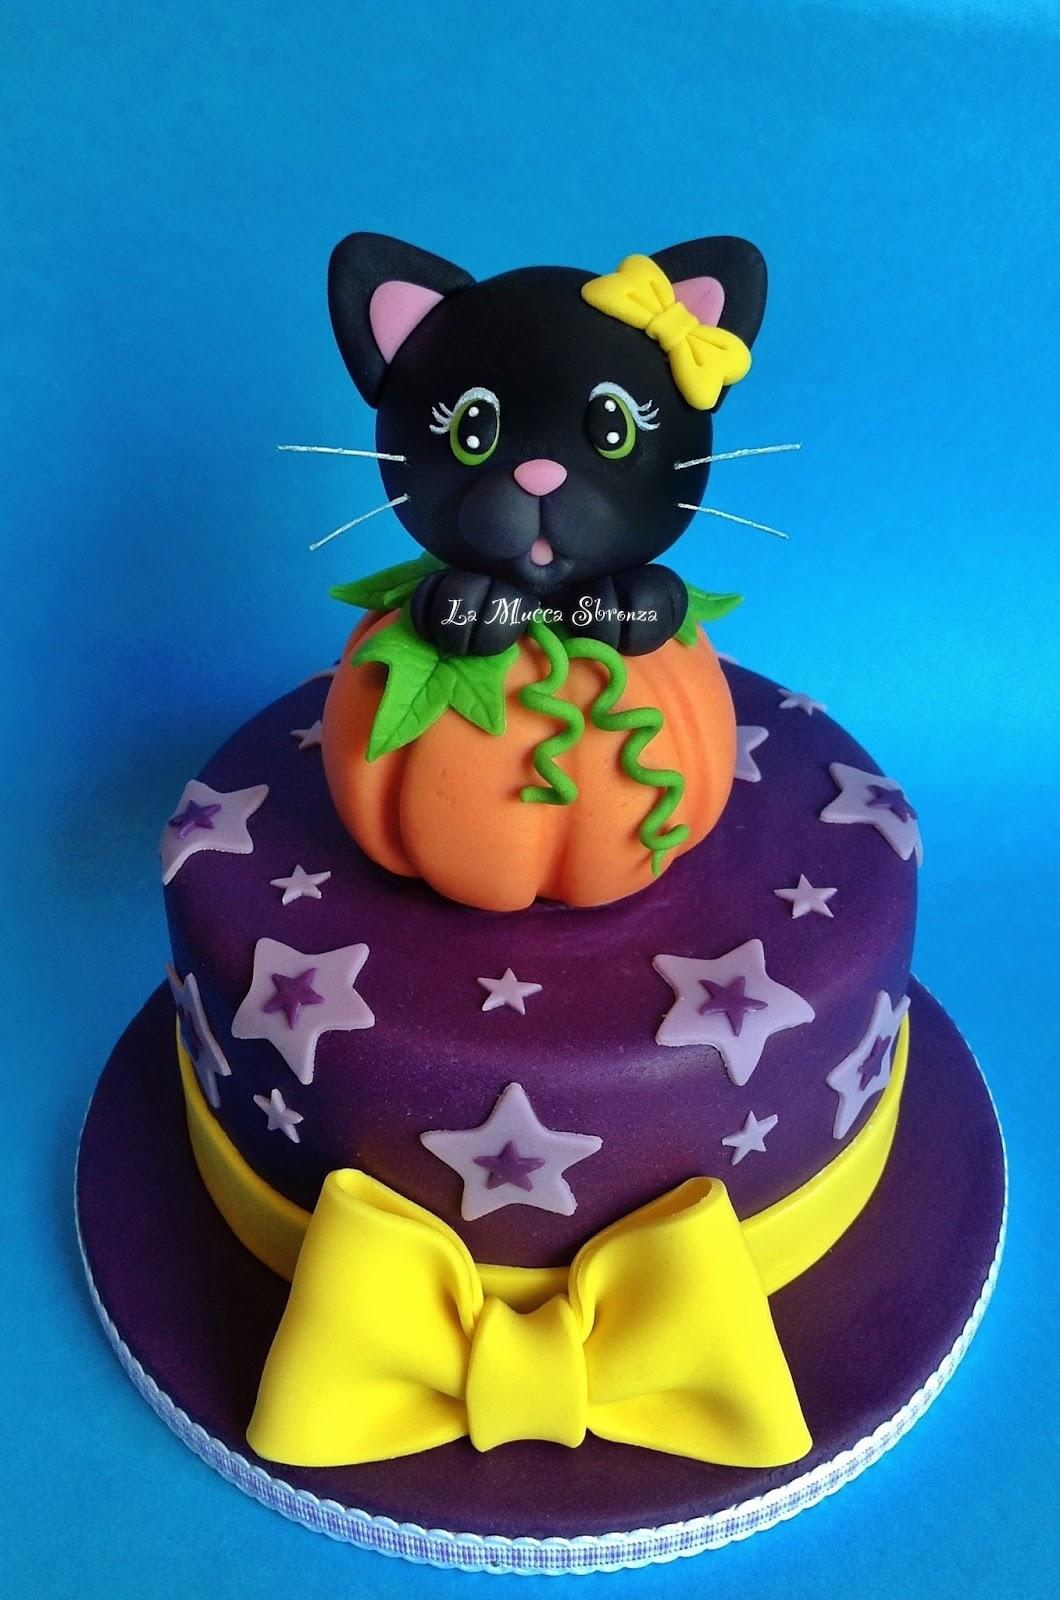 Muccasbronza Corso Cake Design Napoli 20 21 Ottobre